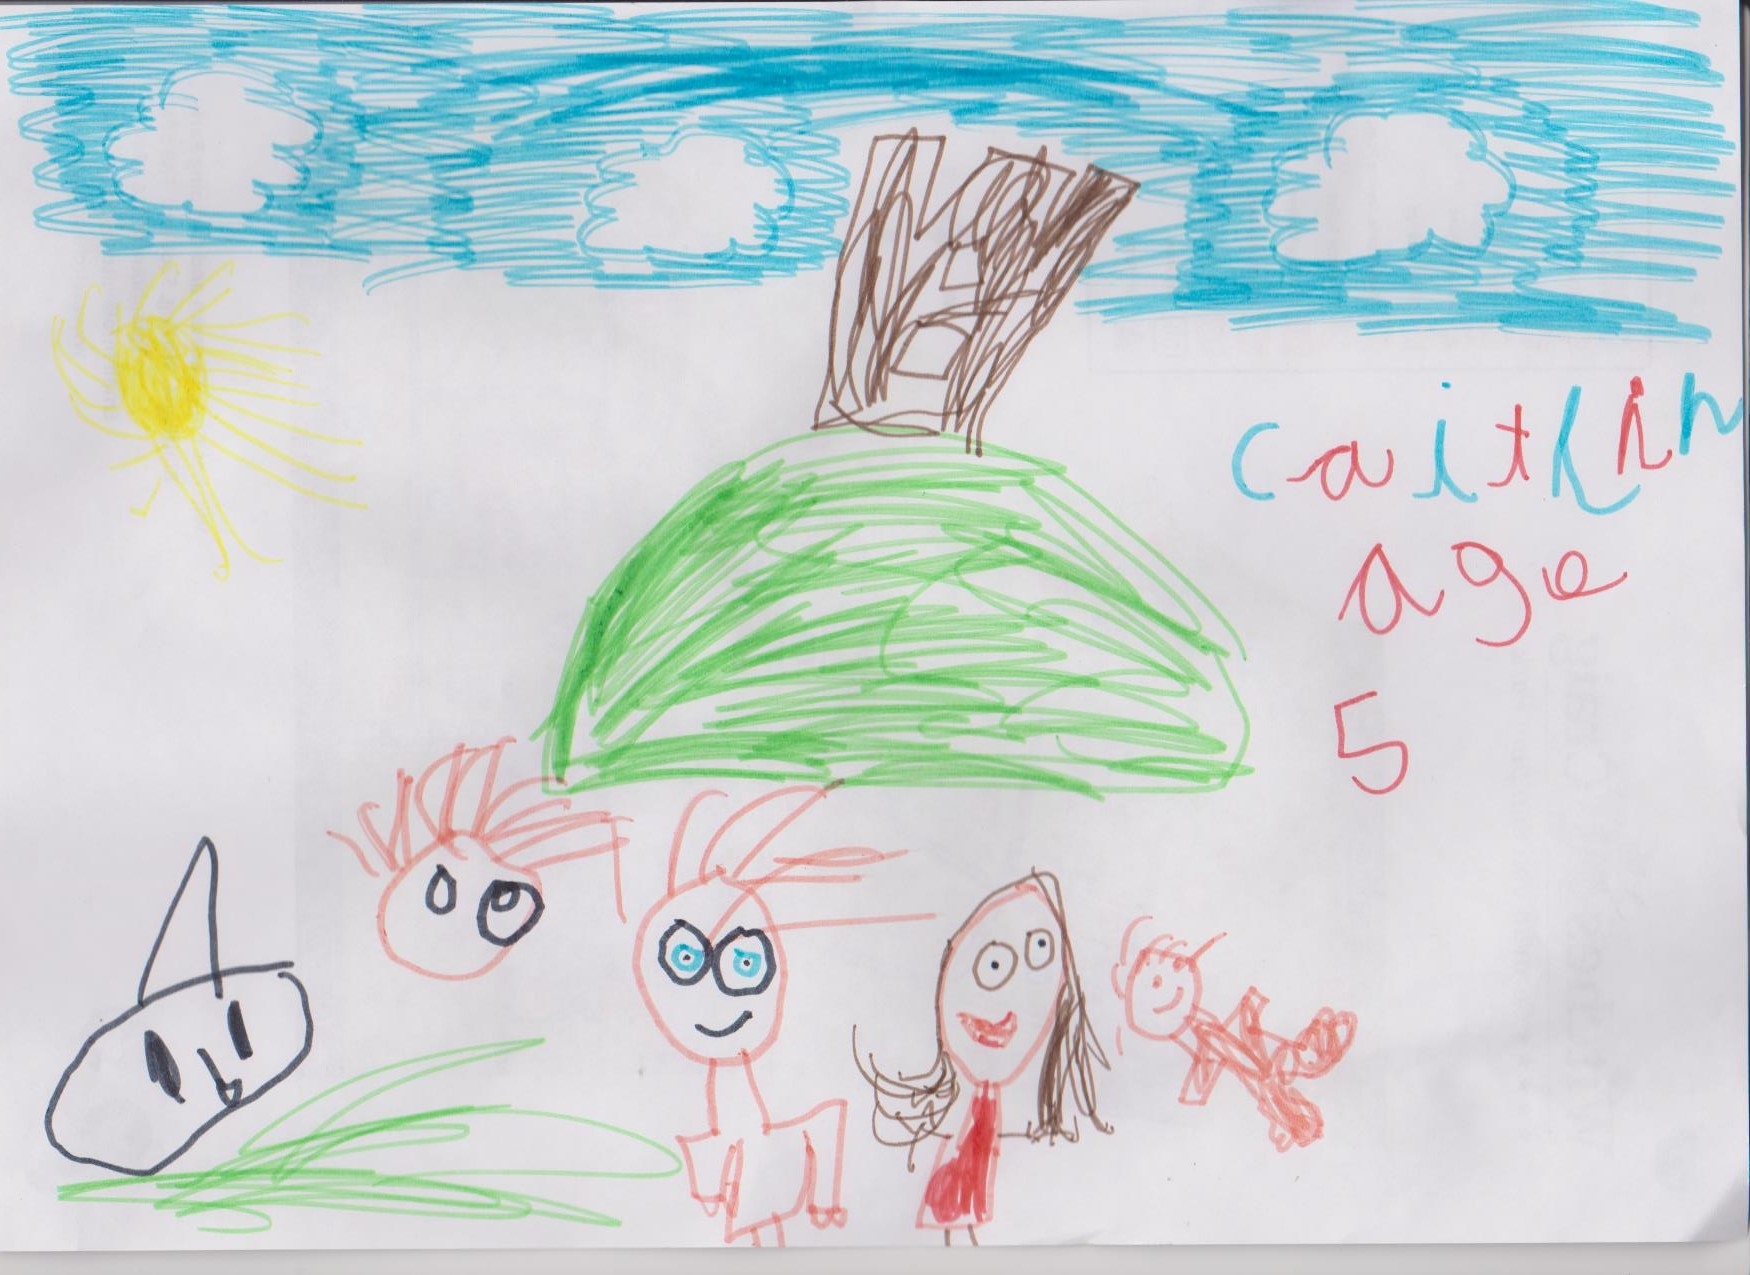 Caitlin, Age 5 001